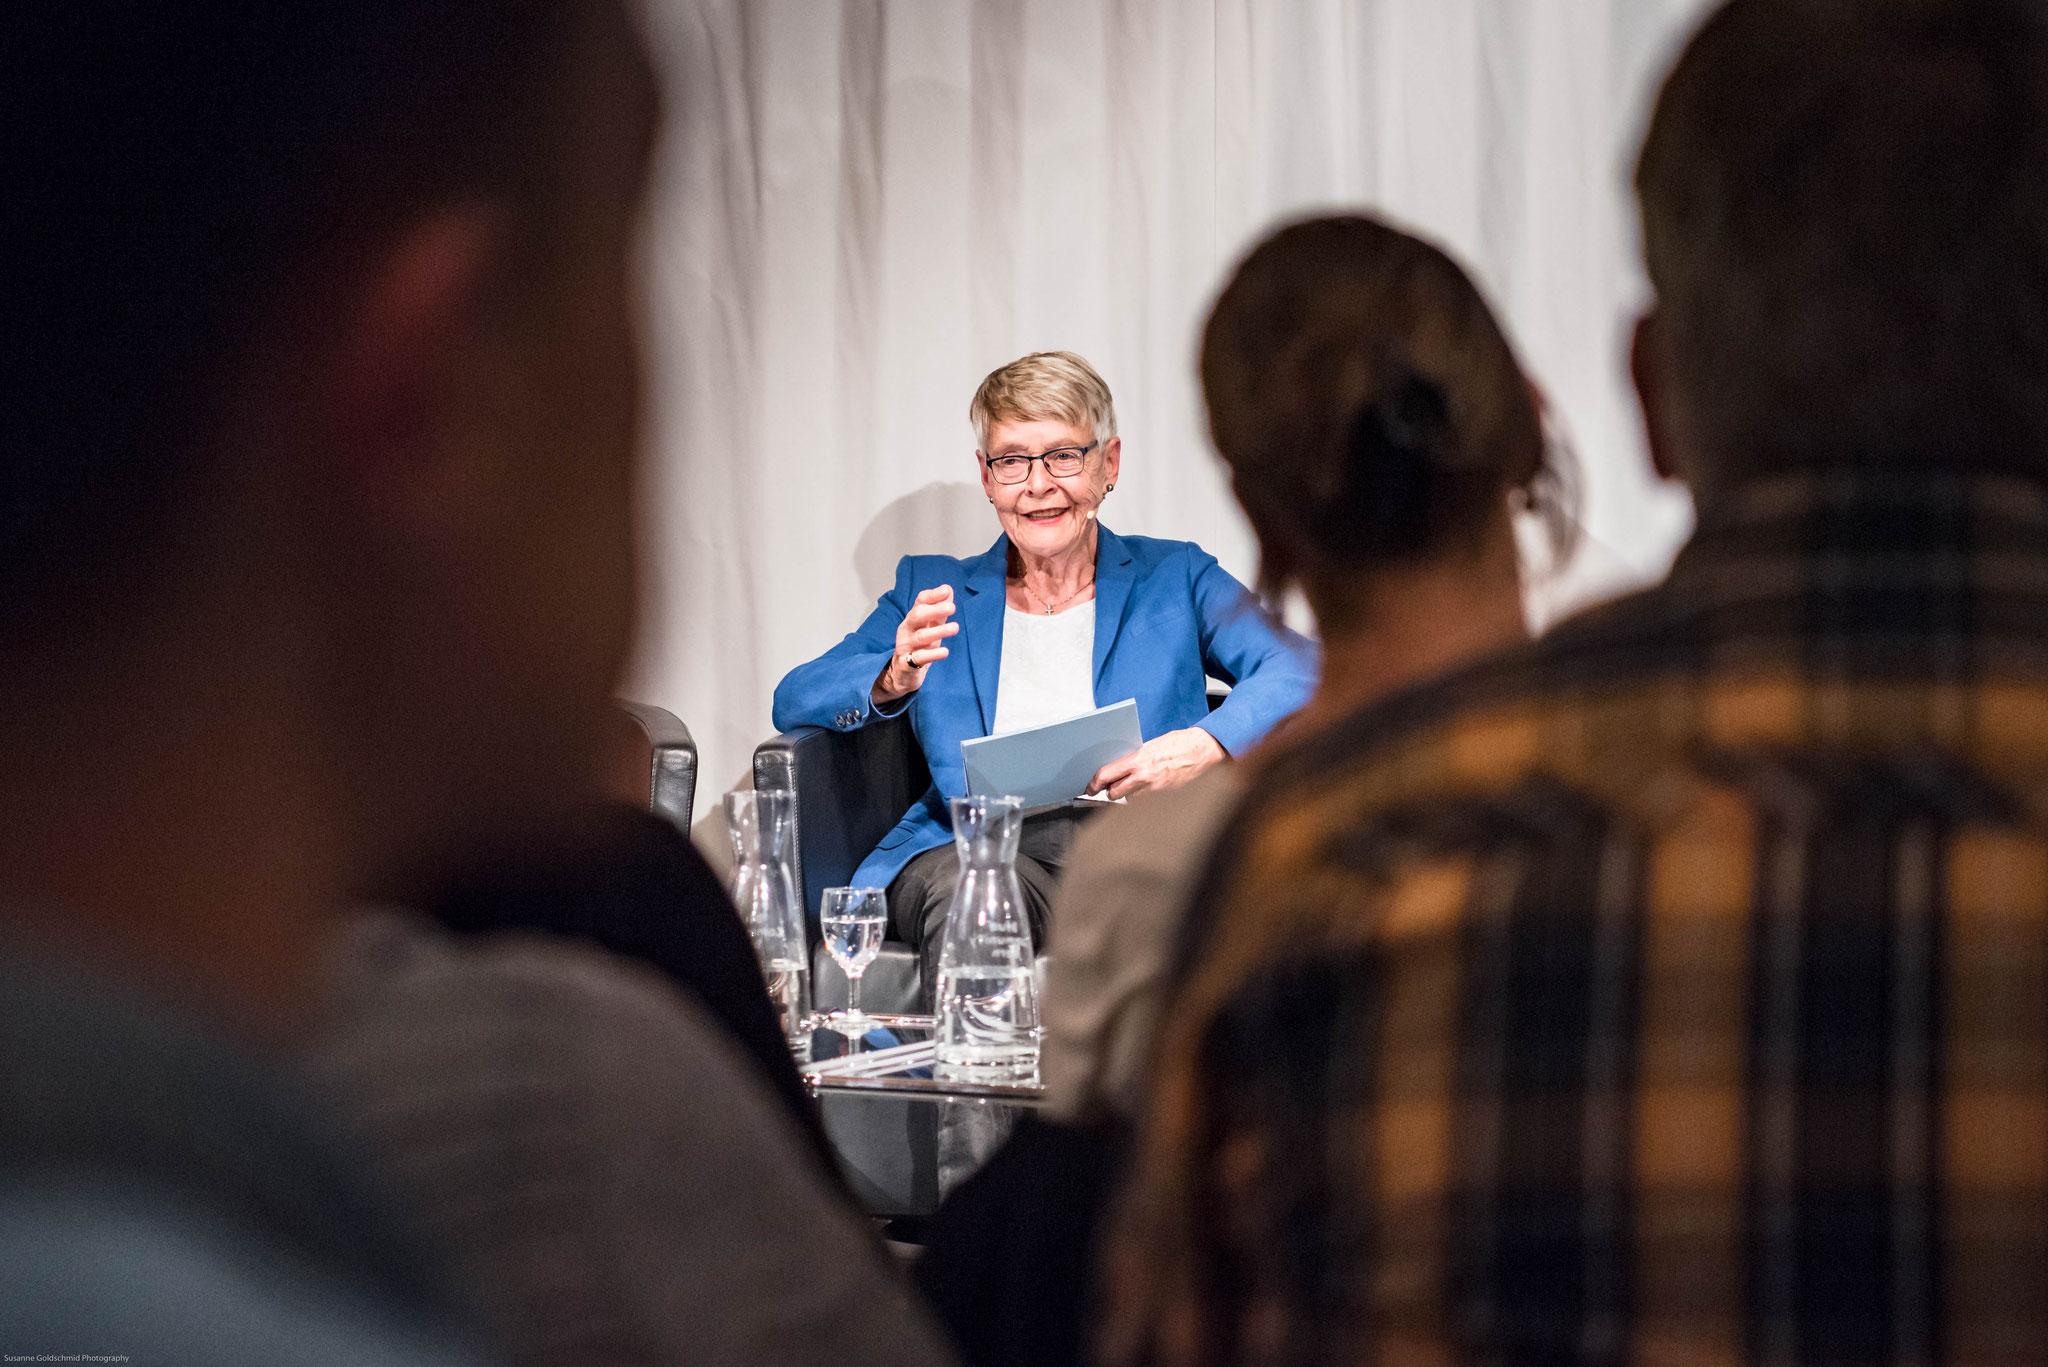 Klara Obermüller (freie Publizistin und Adoptierte)